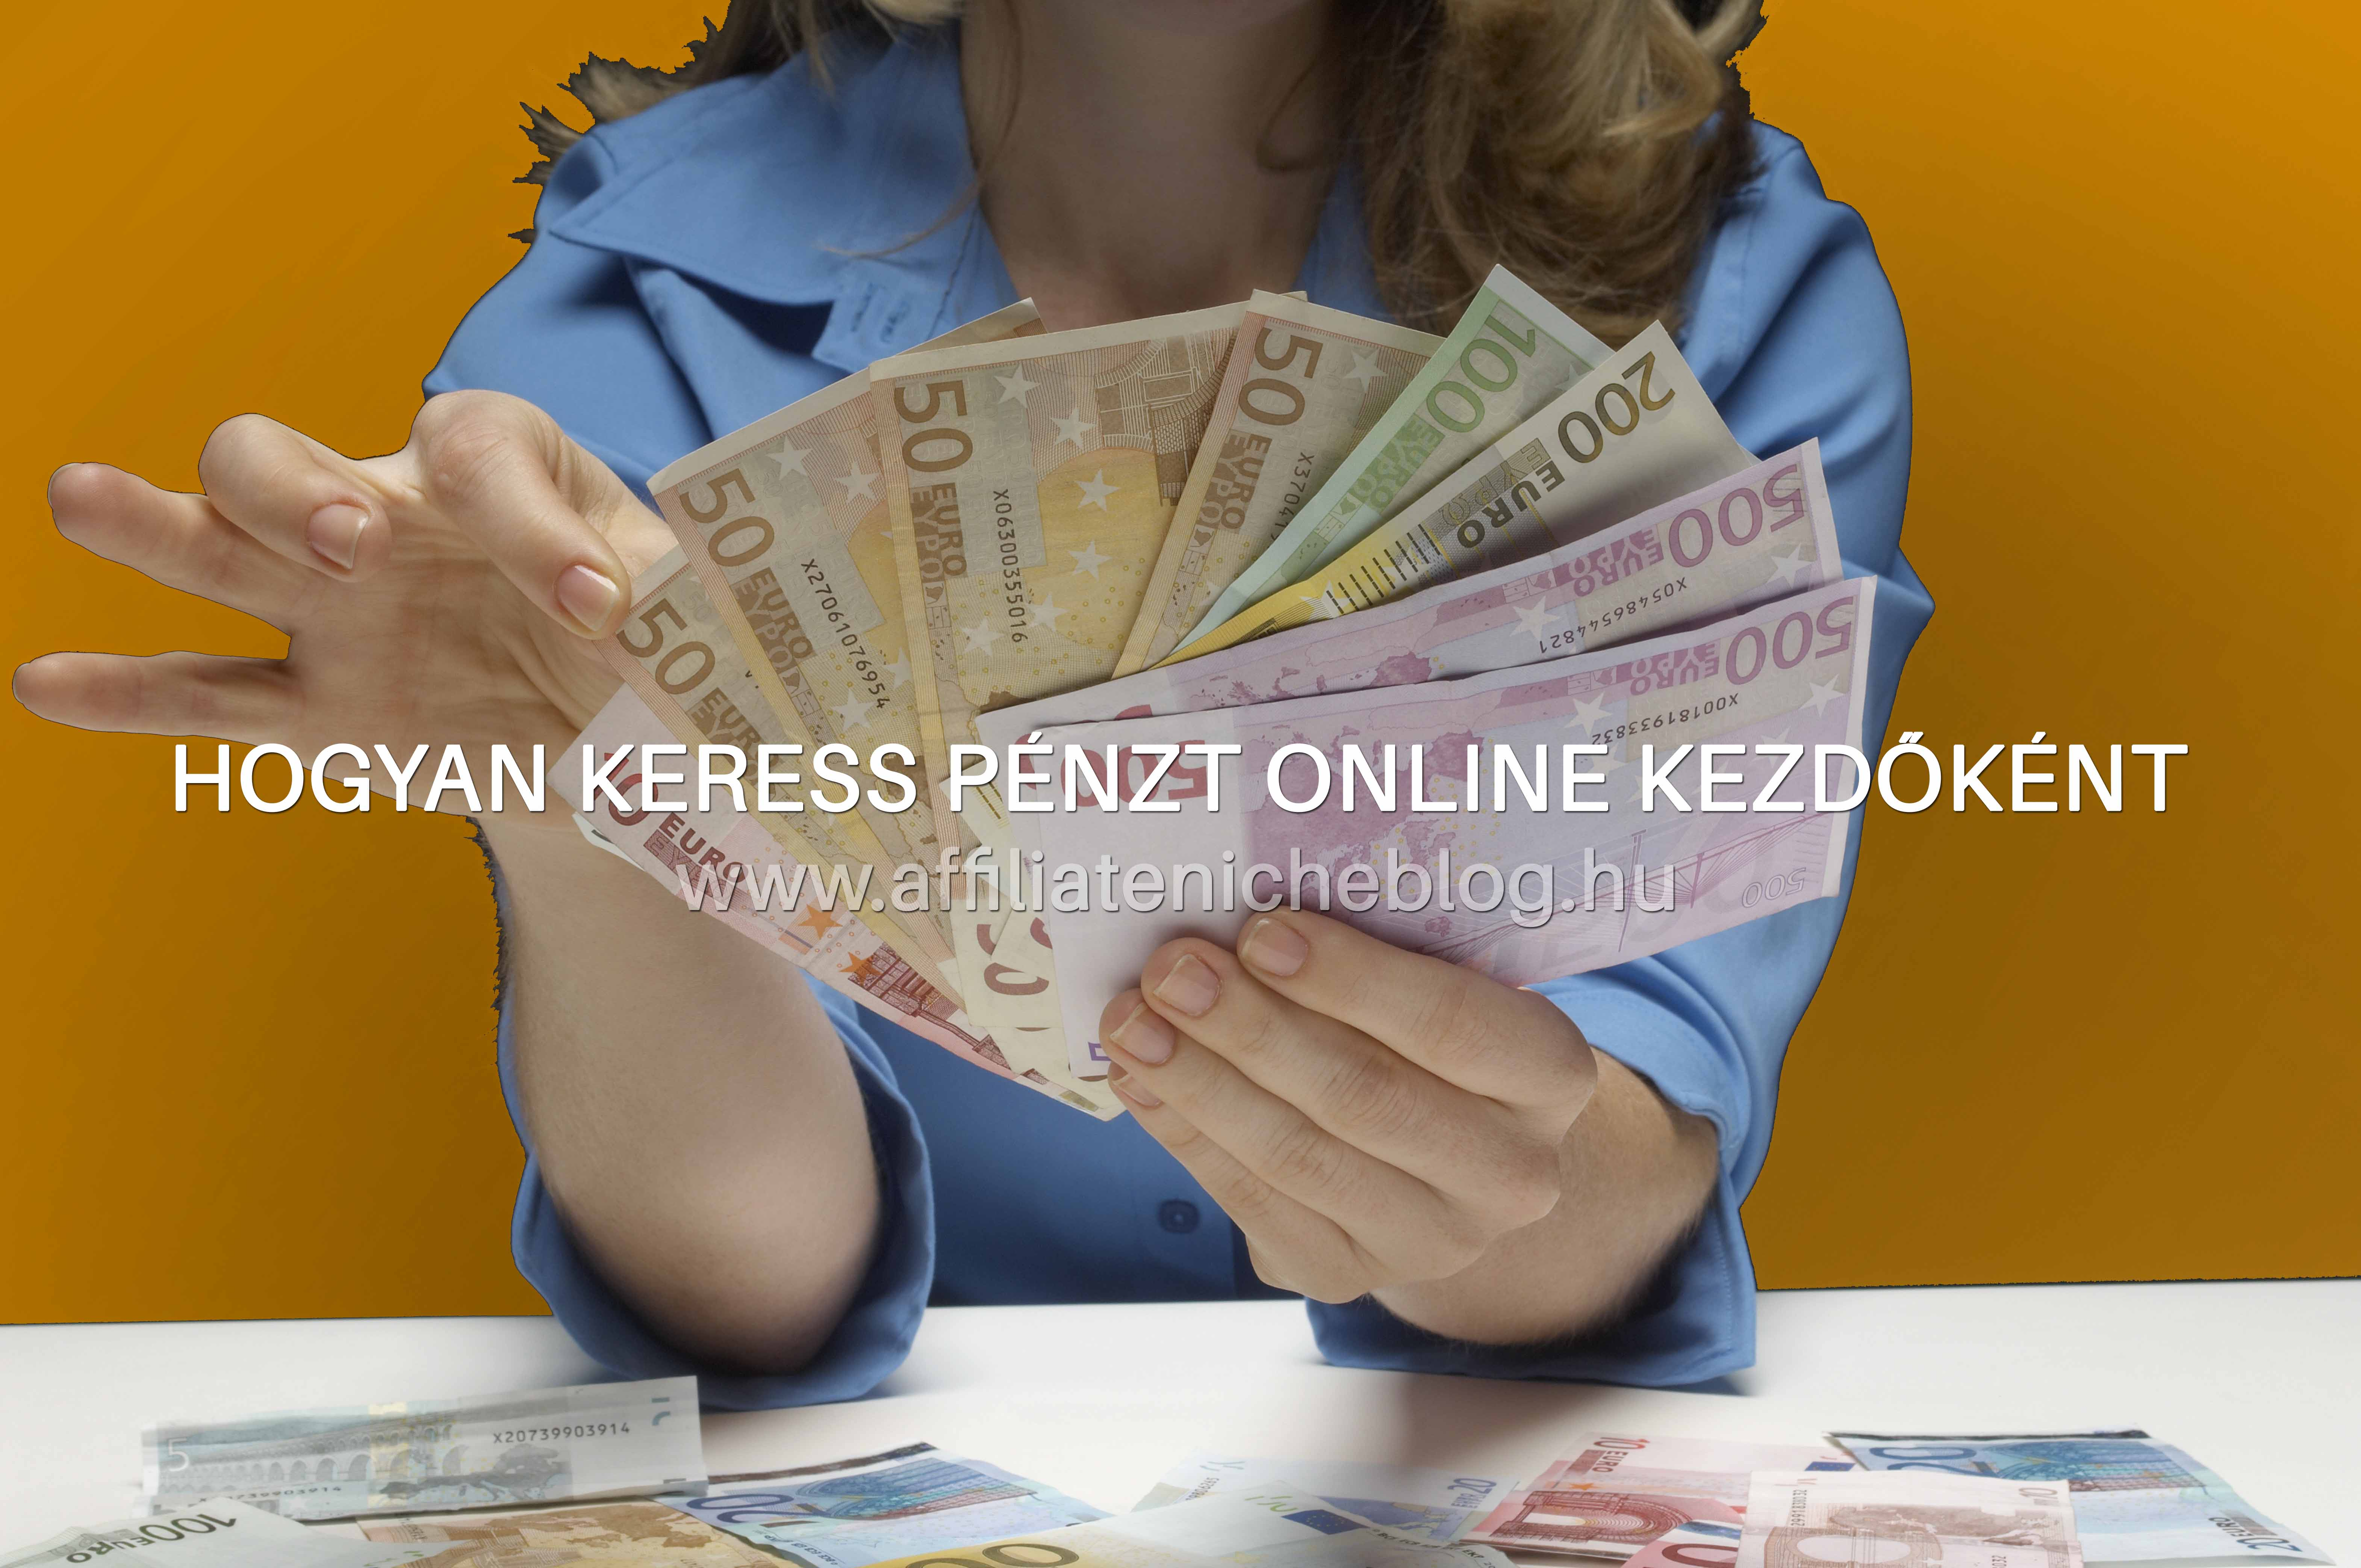 Lehet-e pénzt keresni az interneten?